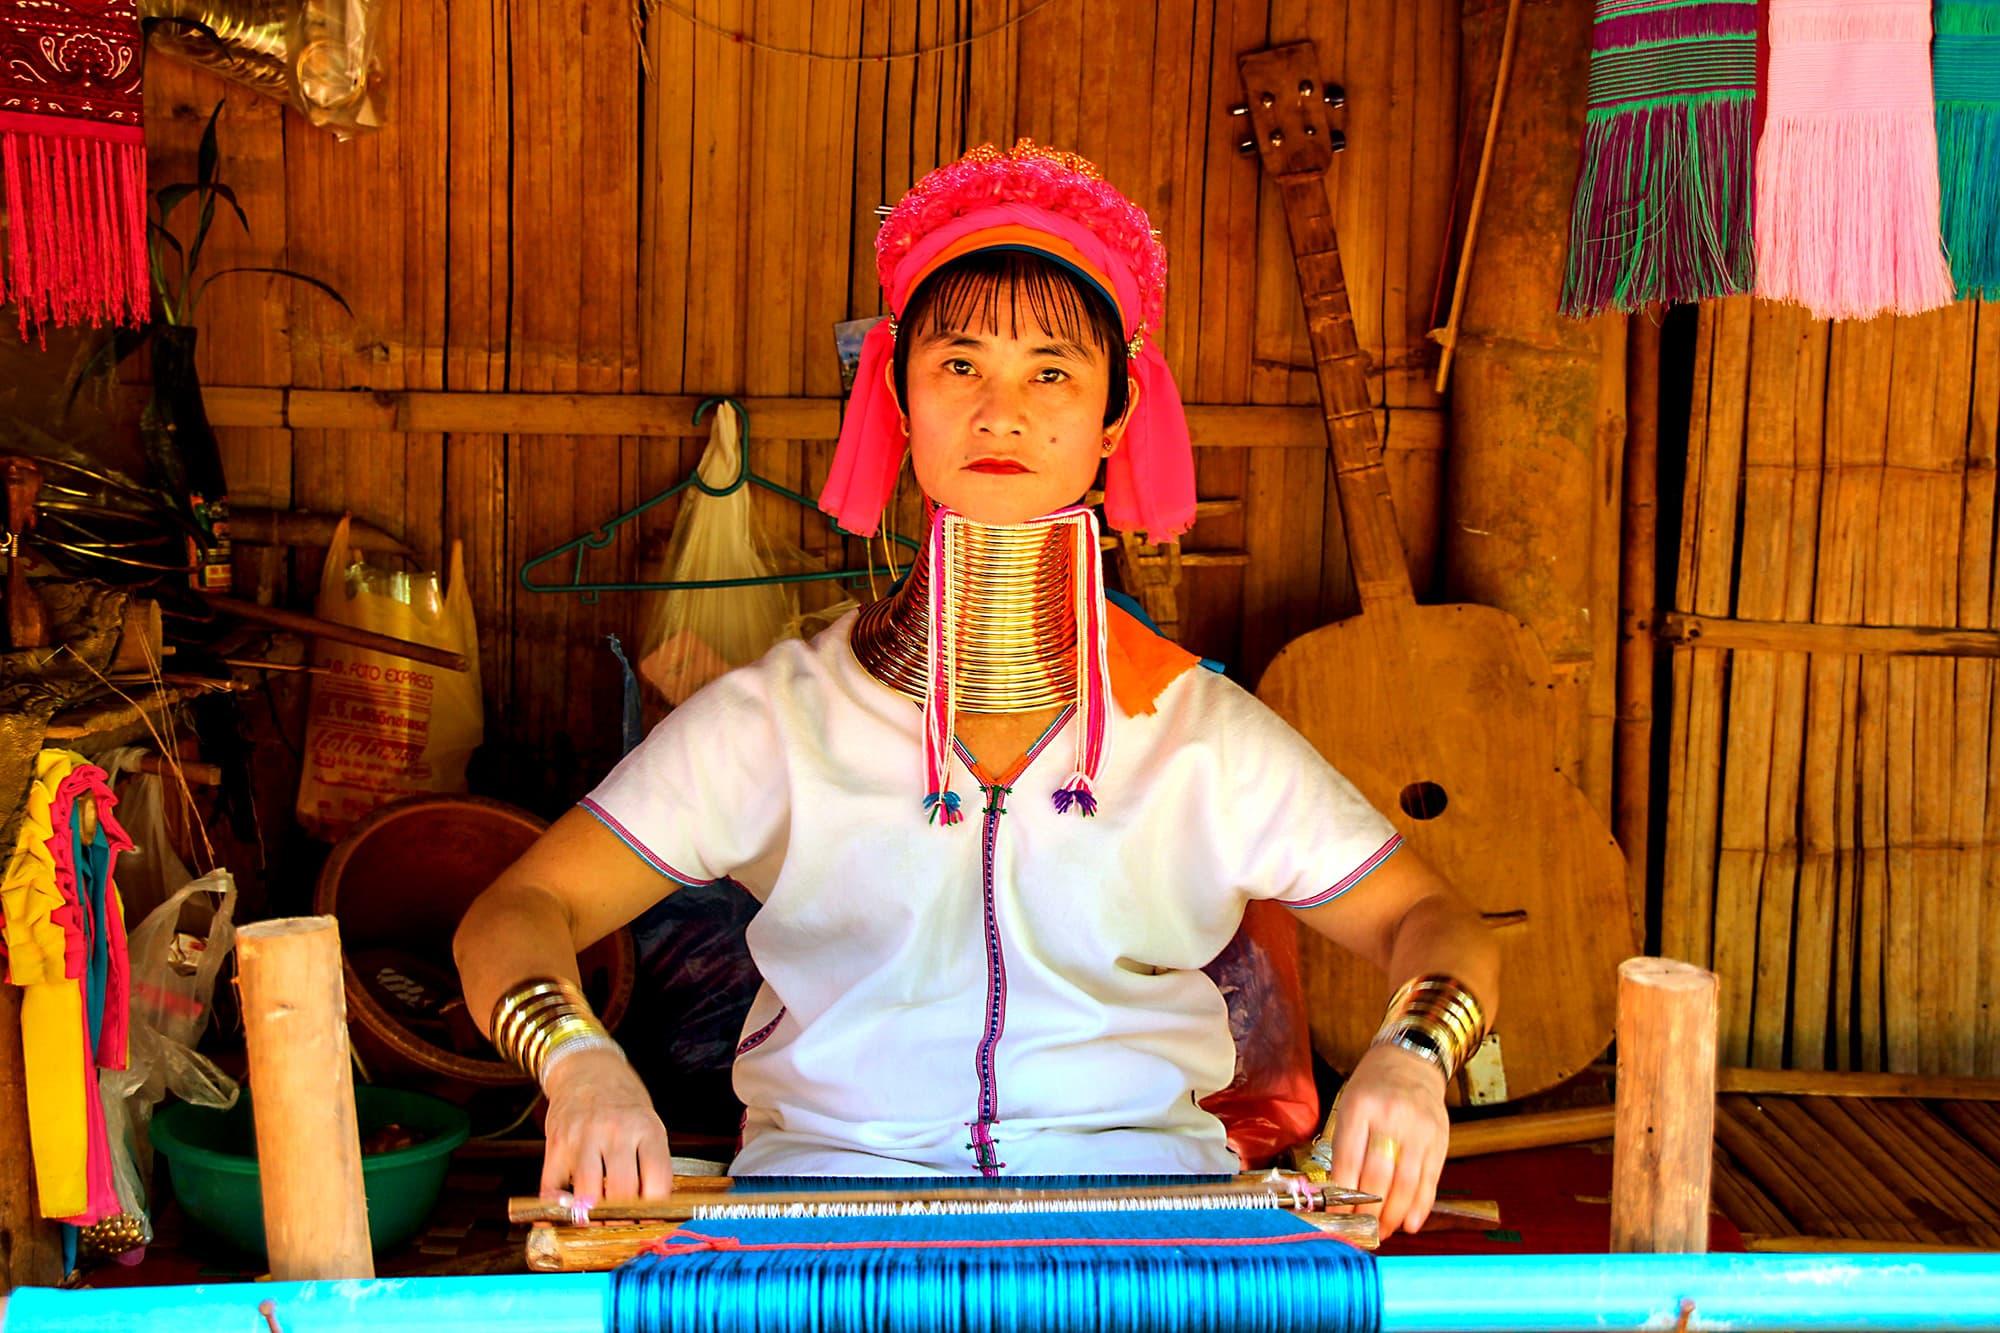 Tailandia del norte en hoteles boutique - Tailandia- imagen #4